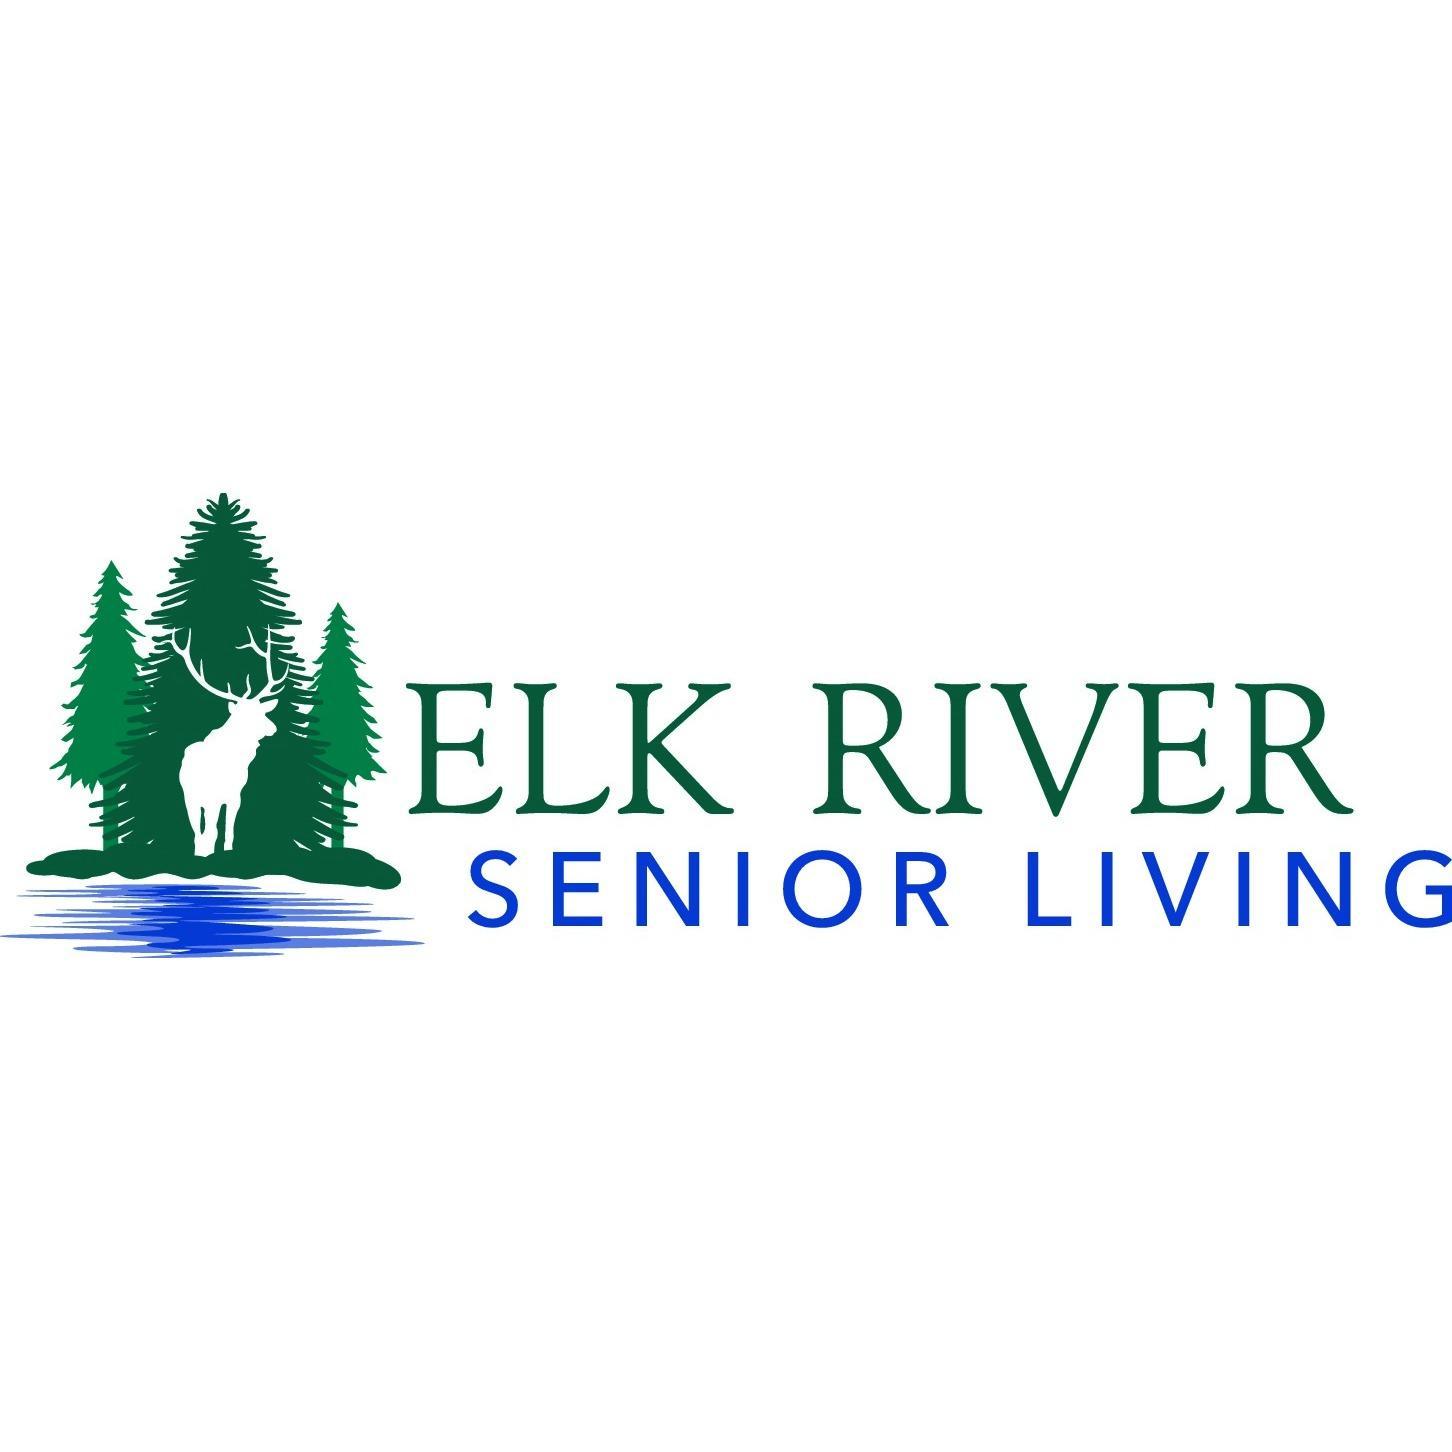 Elk River Senior Living